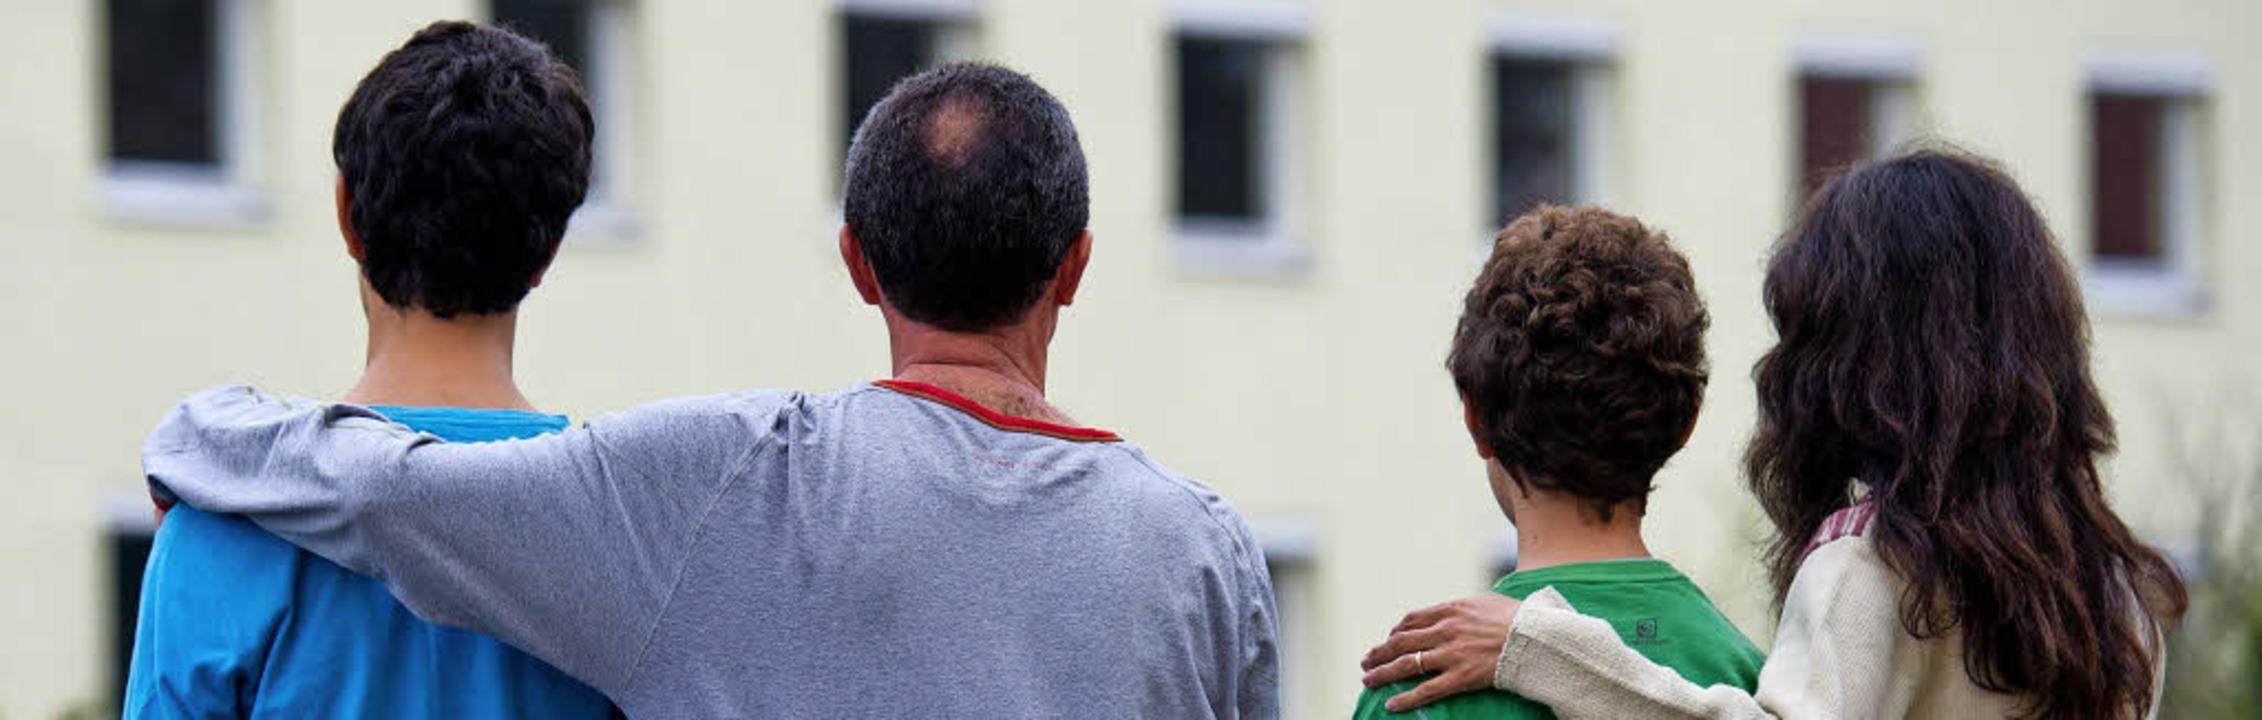 Neues Leben in Deutschland: Eine syris...ilie  vor einem Heim für Asylbewerber   | Foto: dpa/Elena Scholz (Universität Osnabrück)